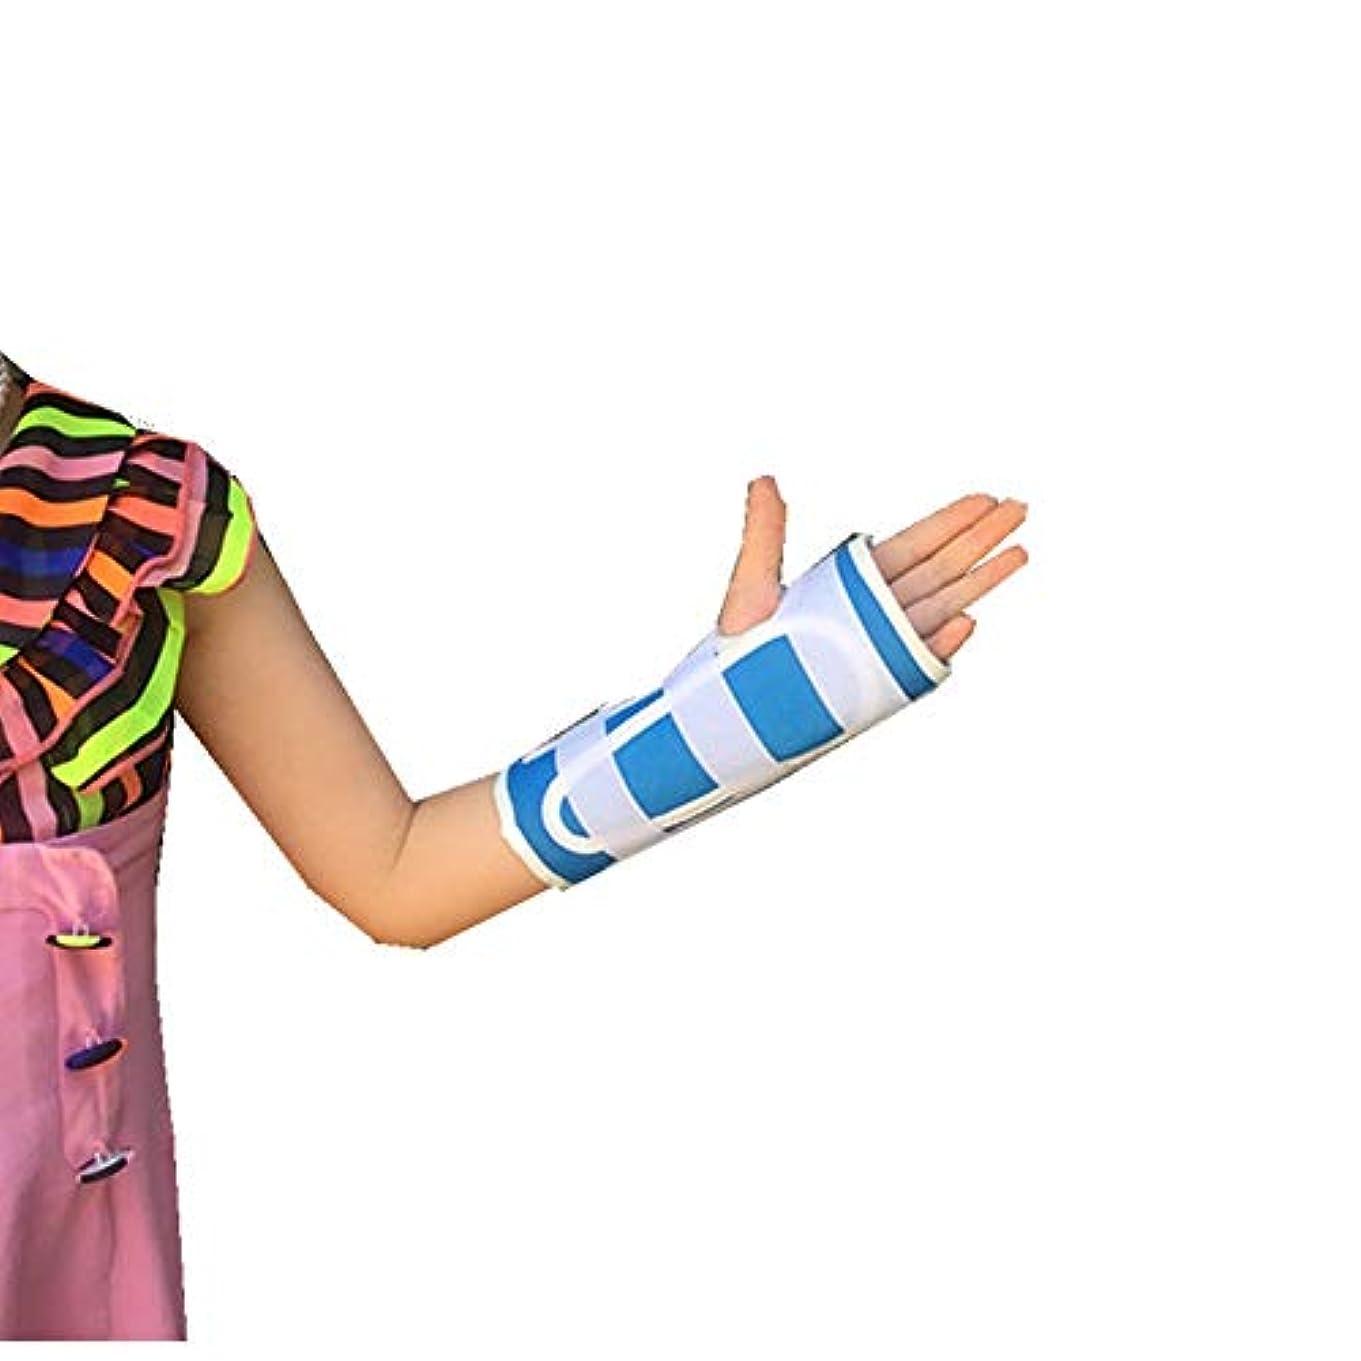 担保寝室を掃除するダンプZYL-YL 子供の手関節手首骨折手首捻挫骨折保護具通気性は内蔵アルミ合金シース (Edition : Right)